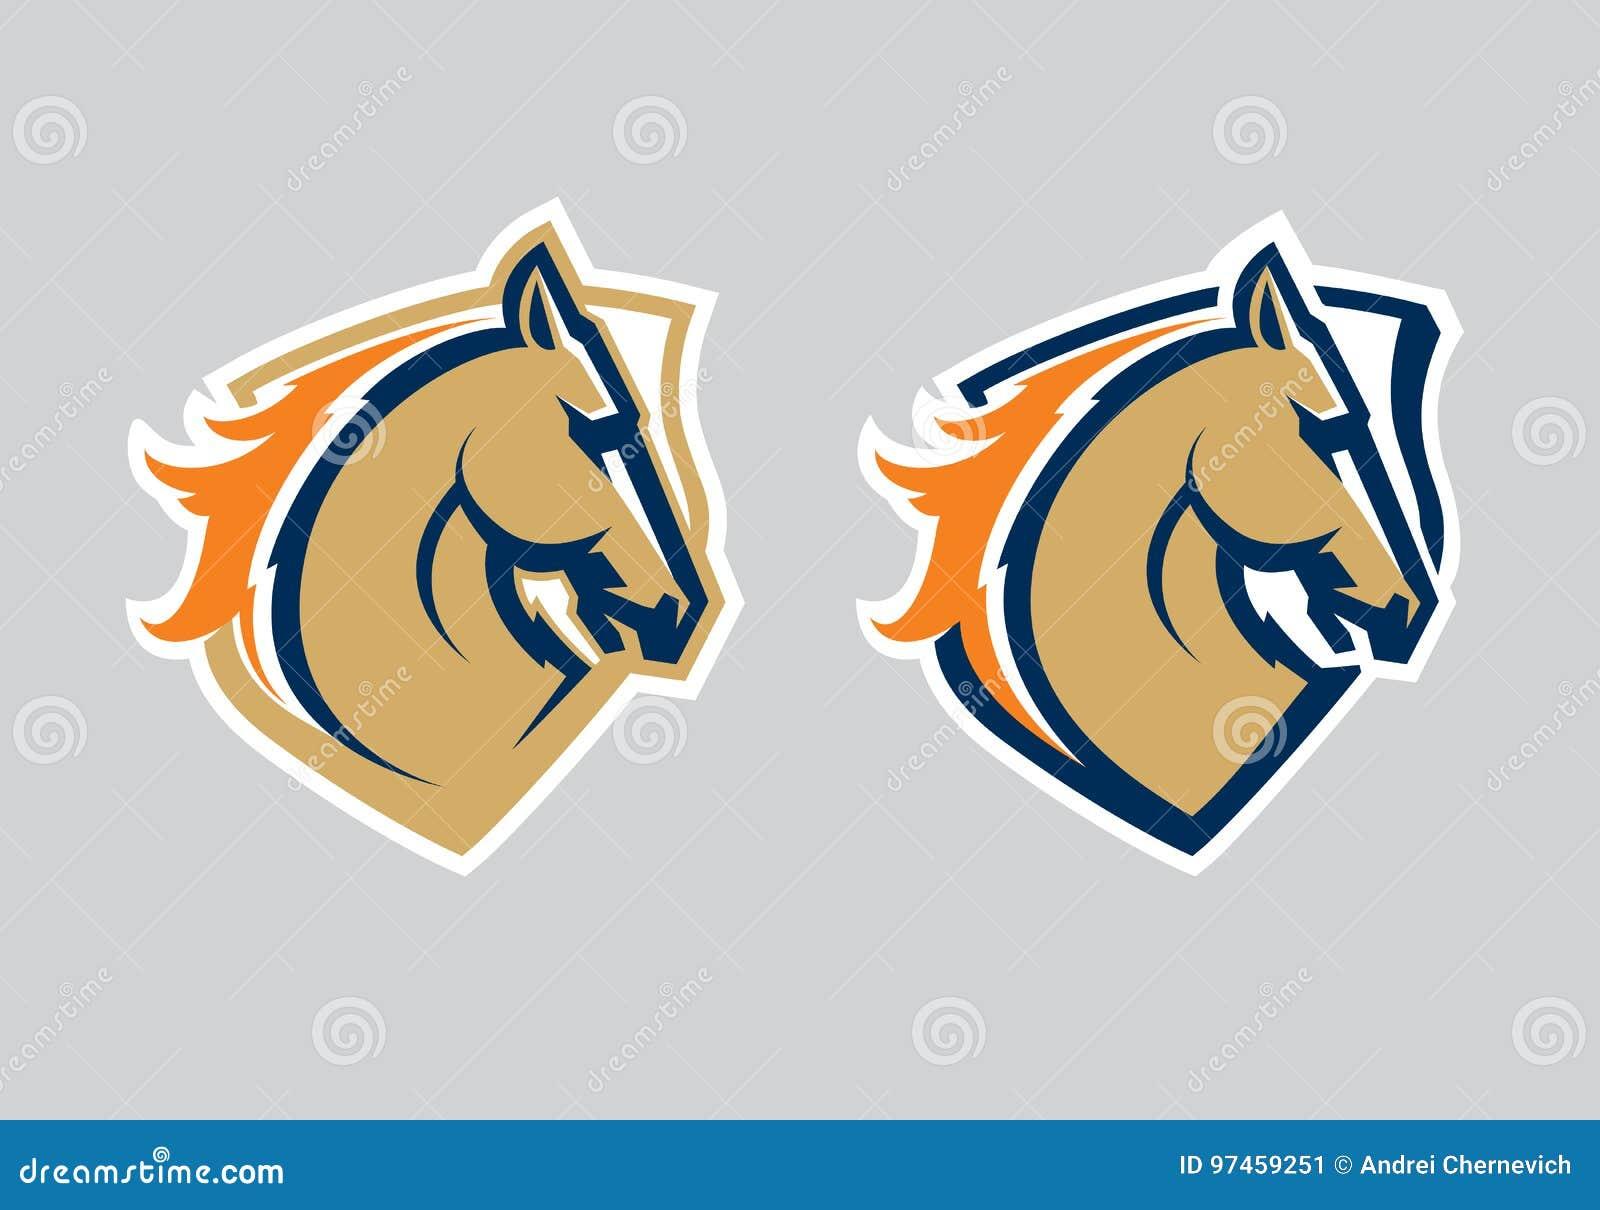 Logotipo profissional moderno com mustang para uma equipe de esporte